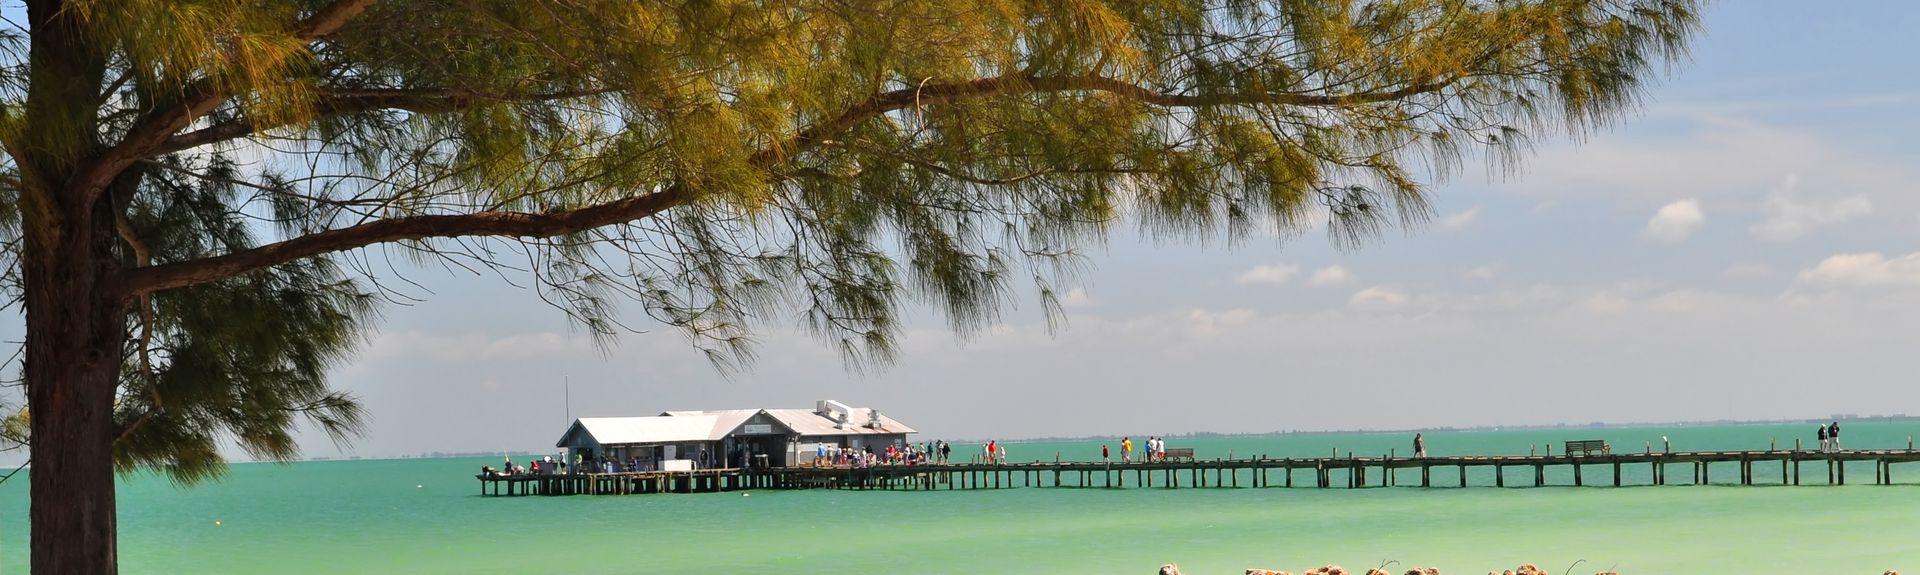 Île Anna Maria, Floride, États-Unis d'Amérique